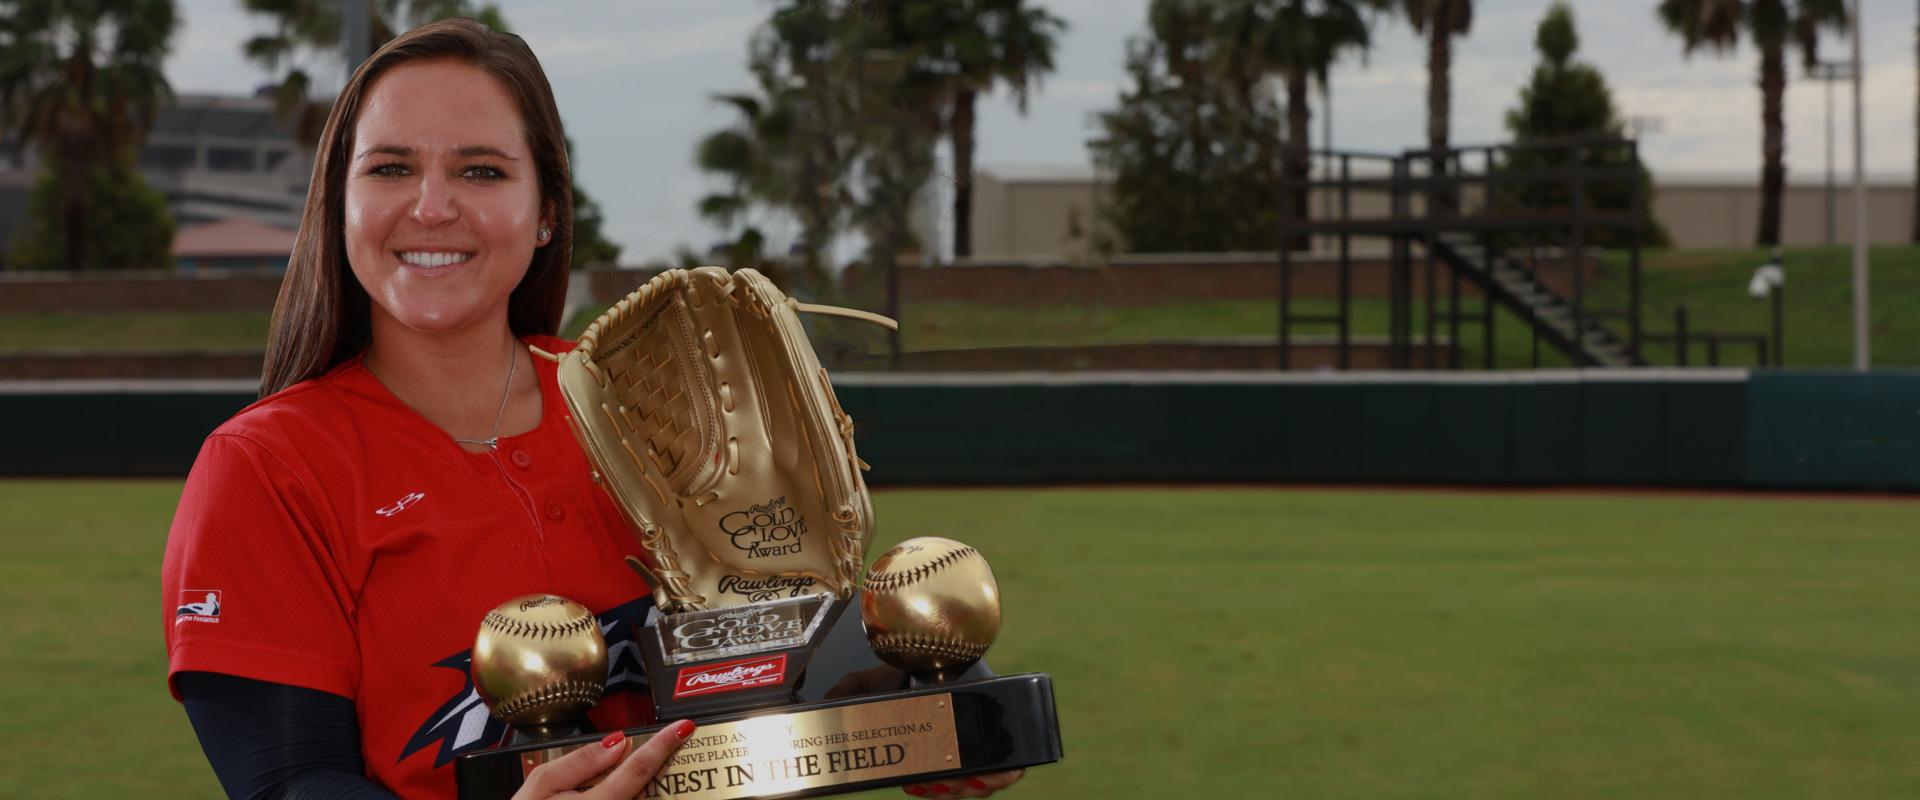 Softball Gold Glove Award